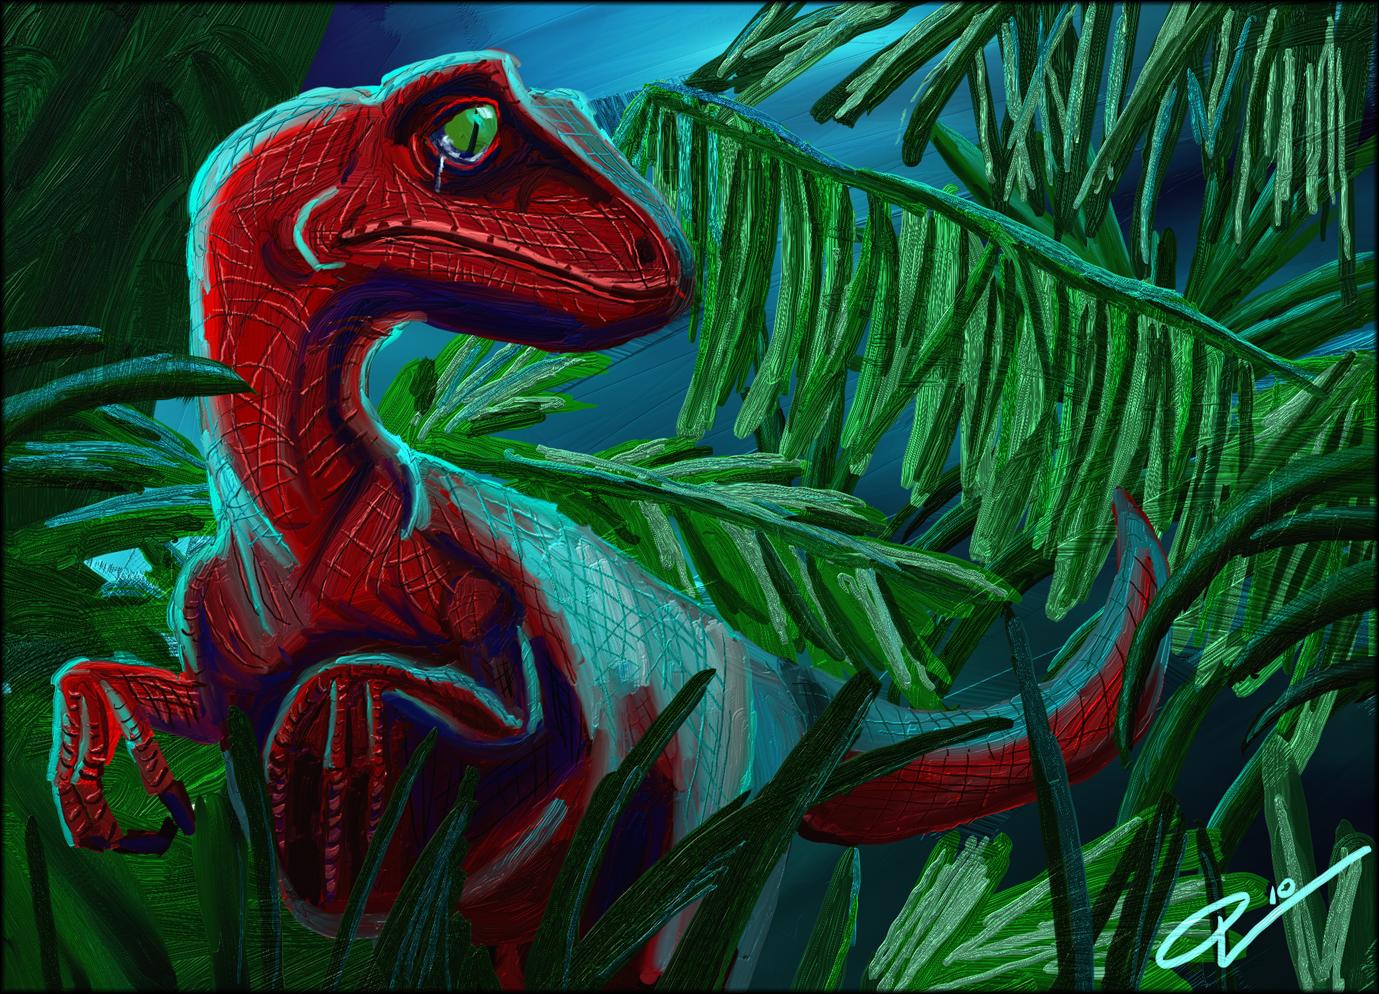 VeLOSTiraptor